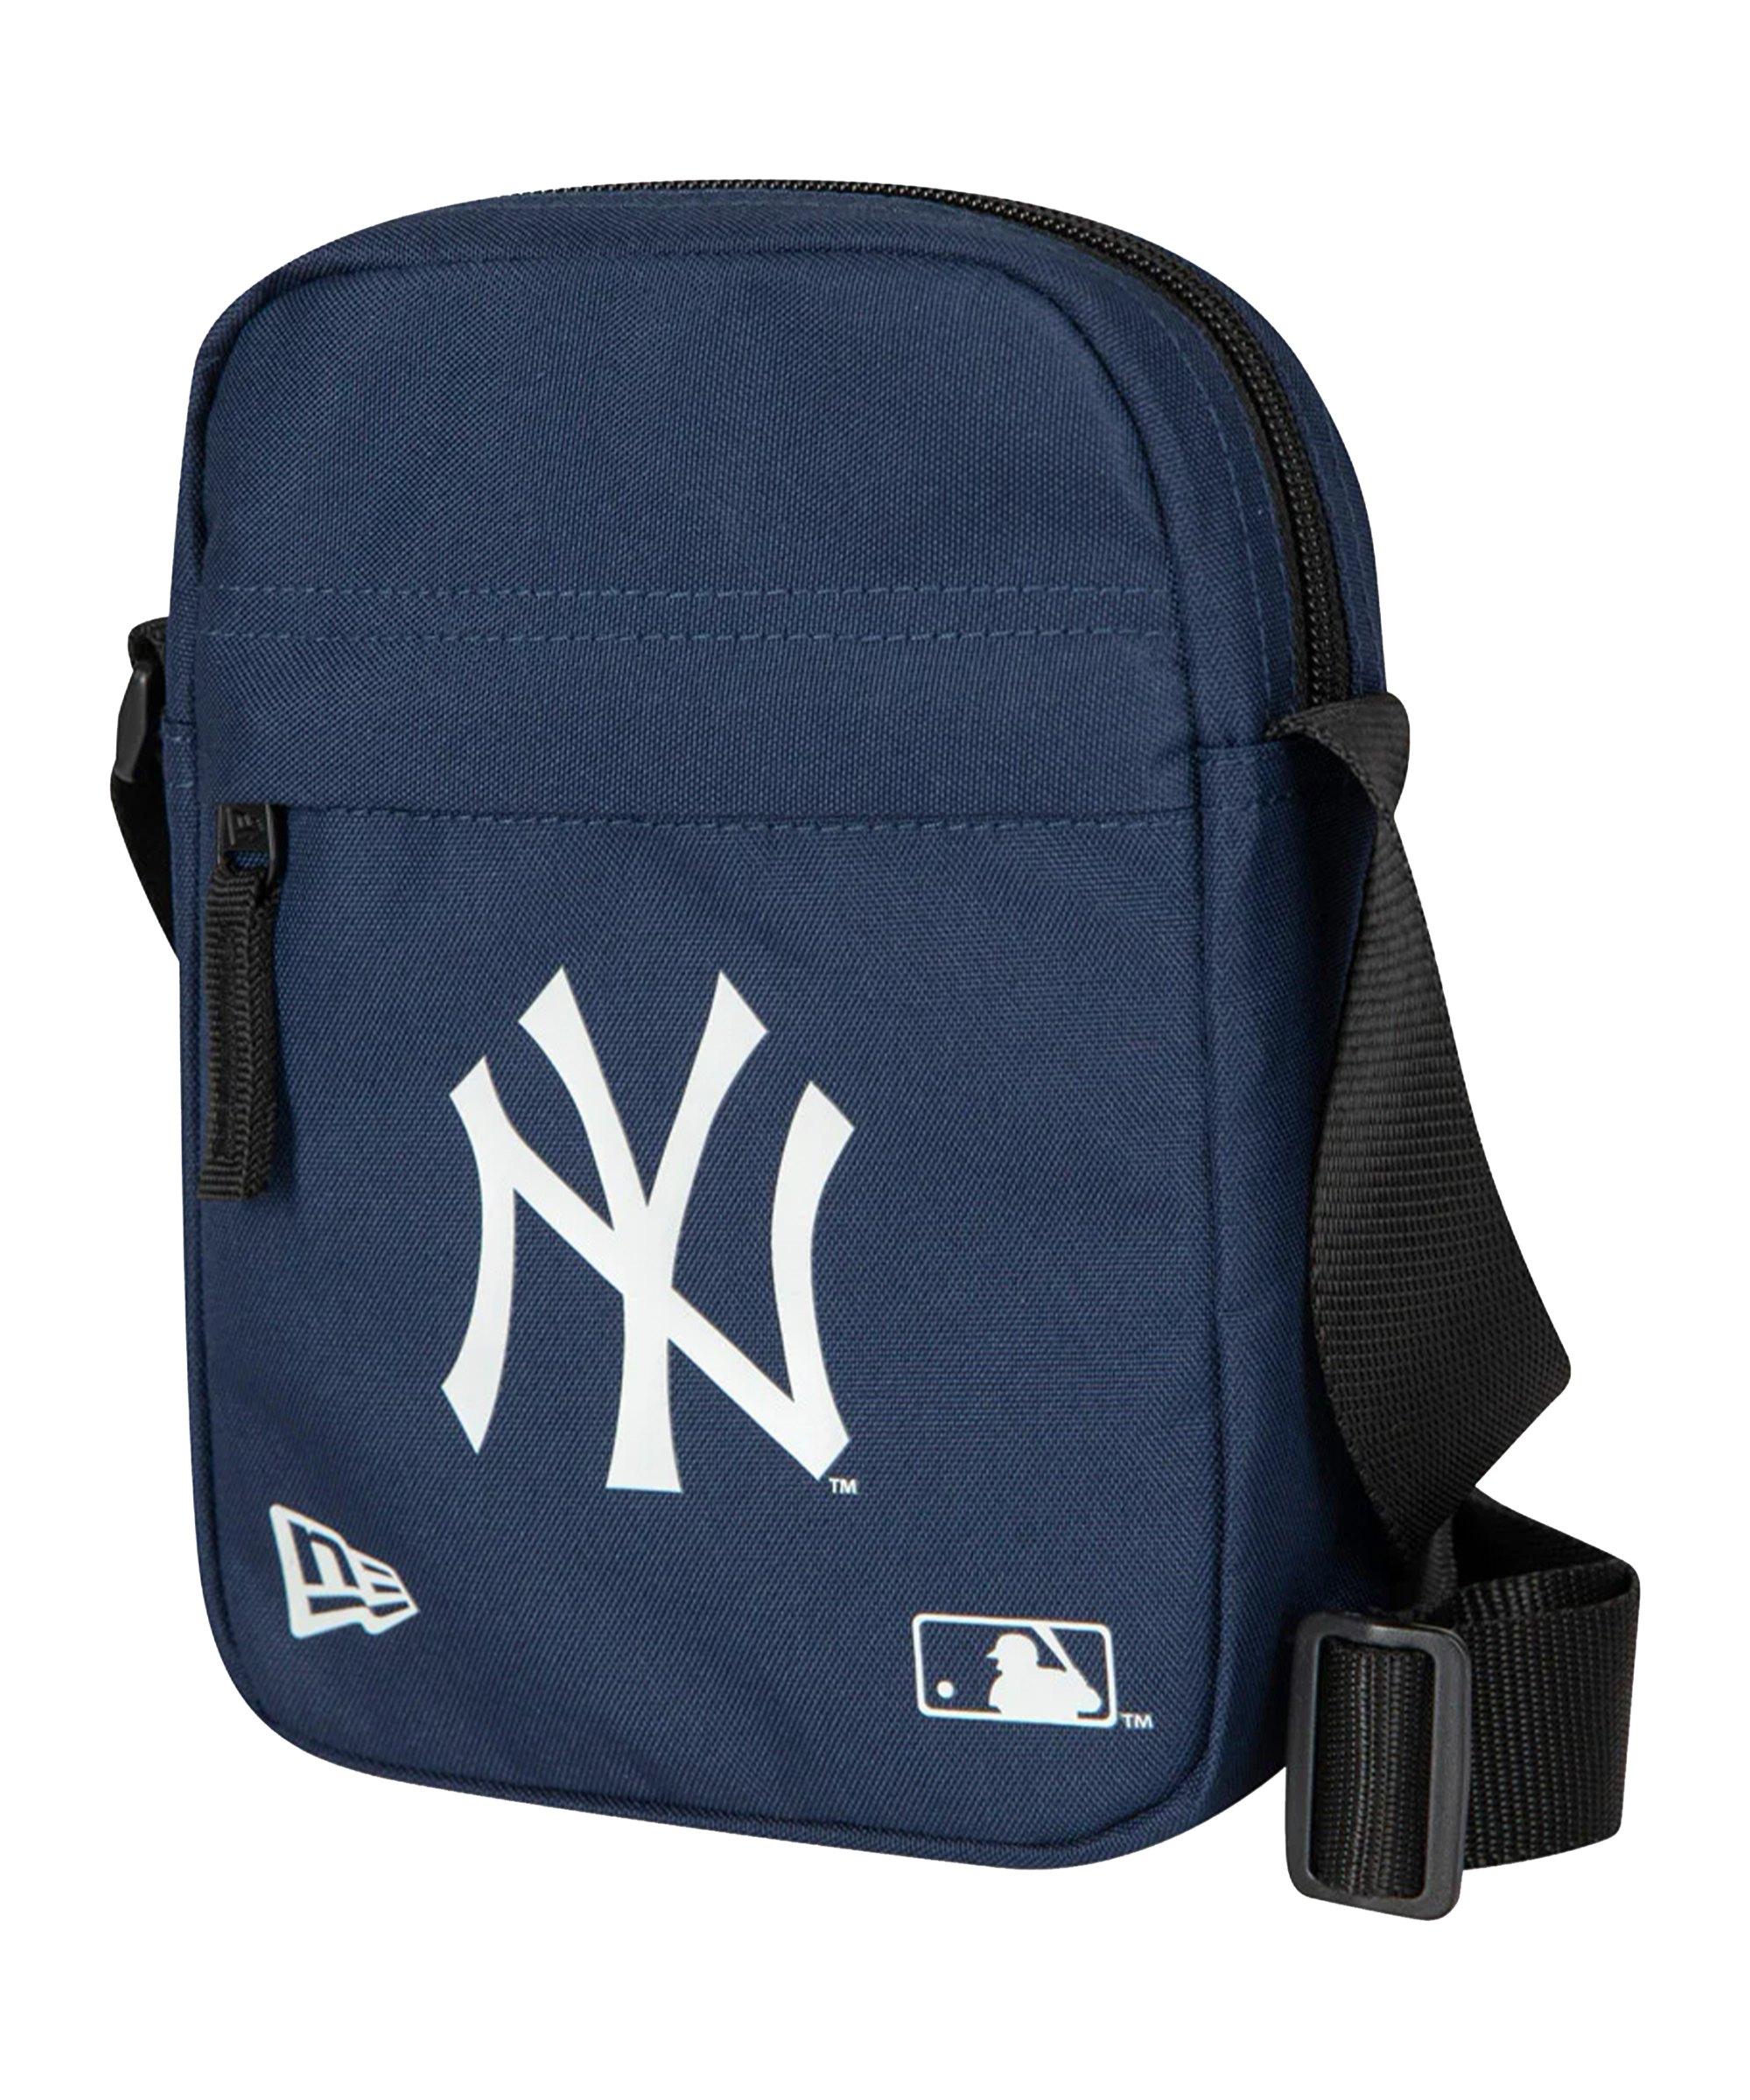 New Era NY Yankees Side Bag Blau FOTC - blau